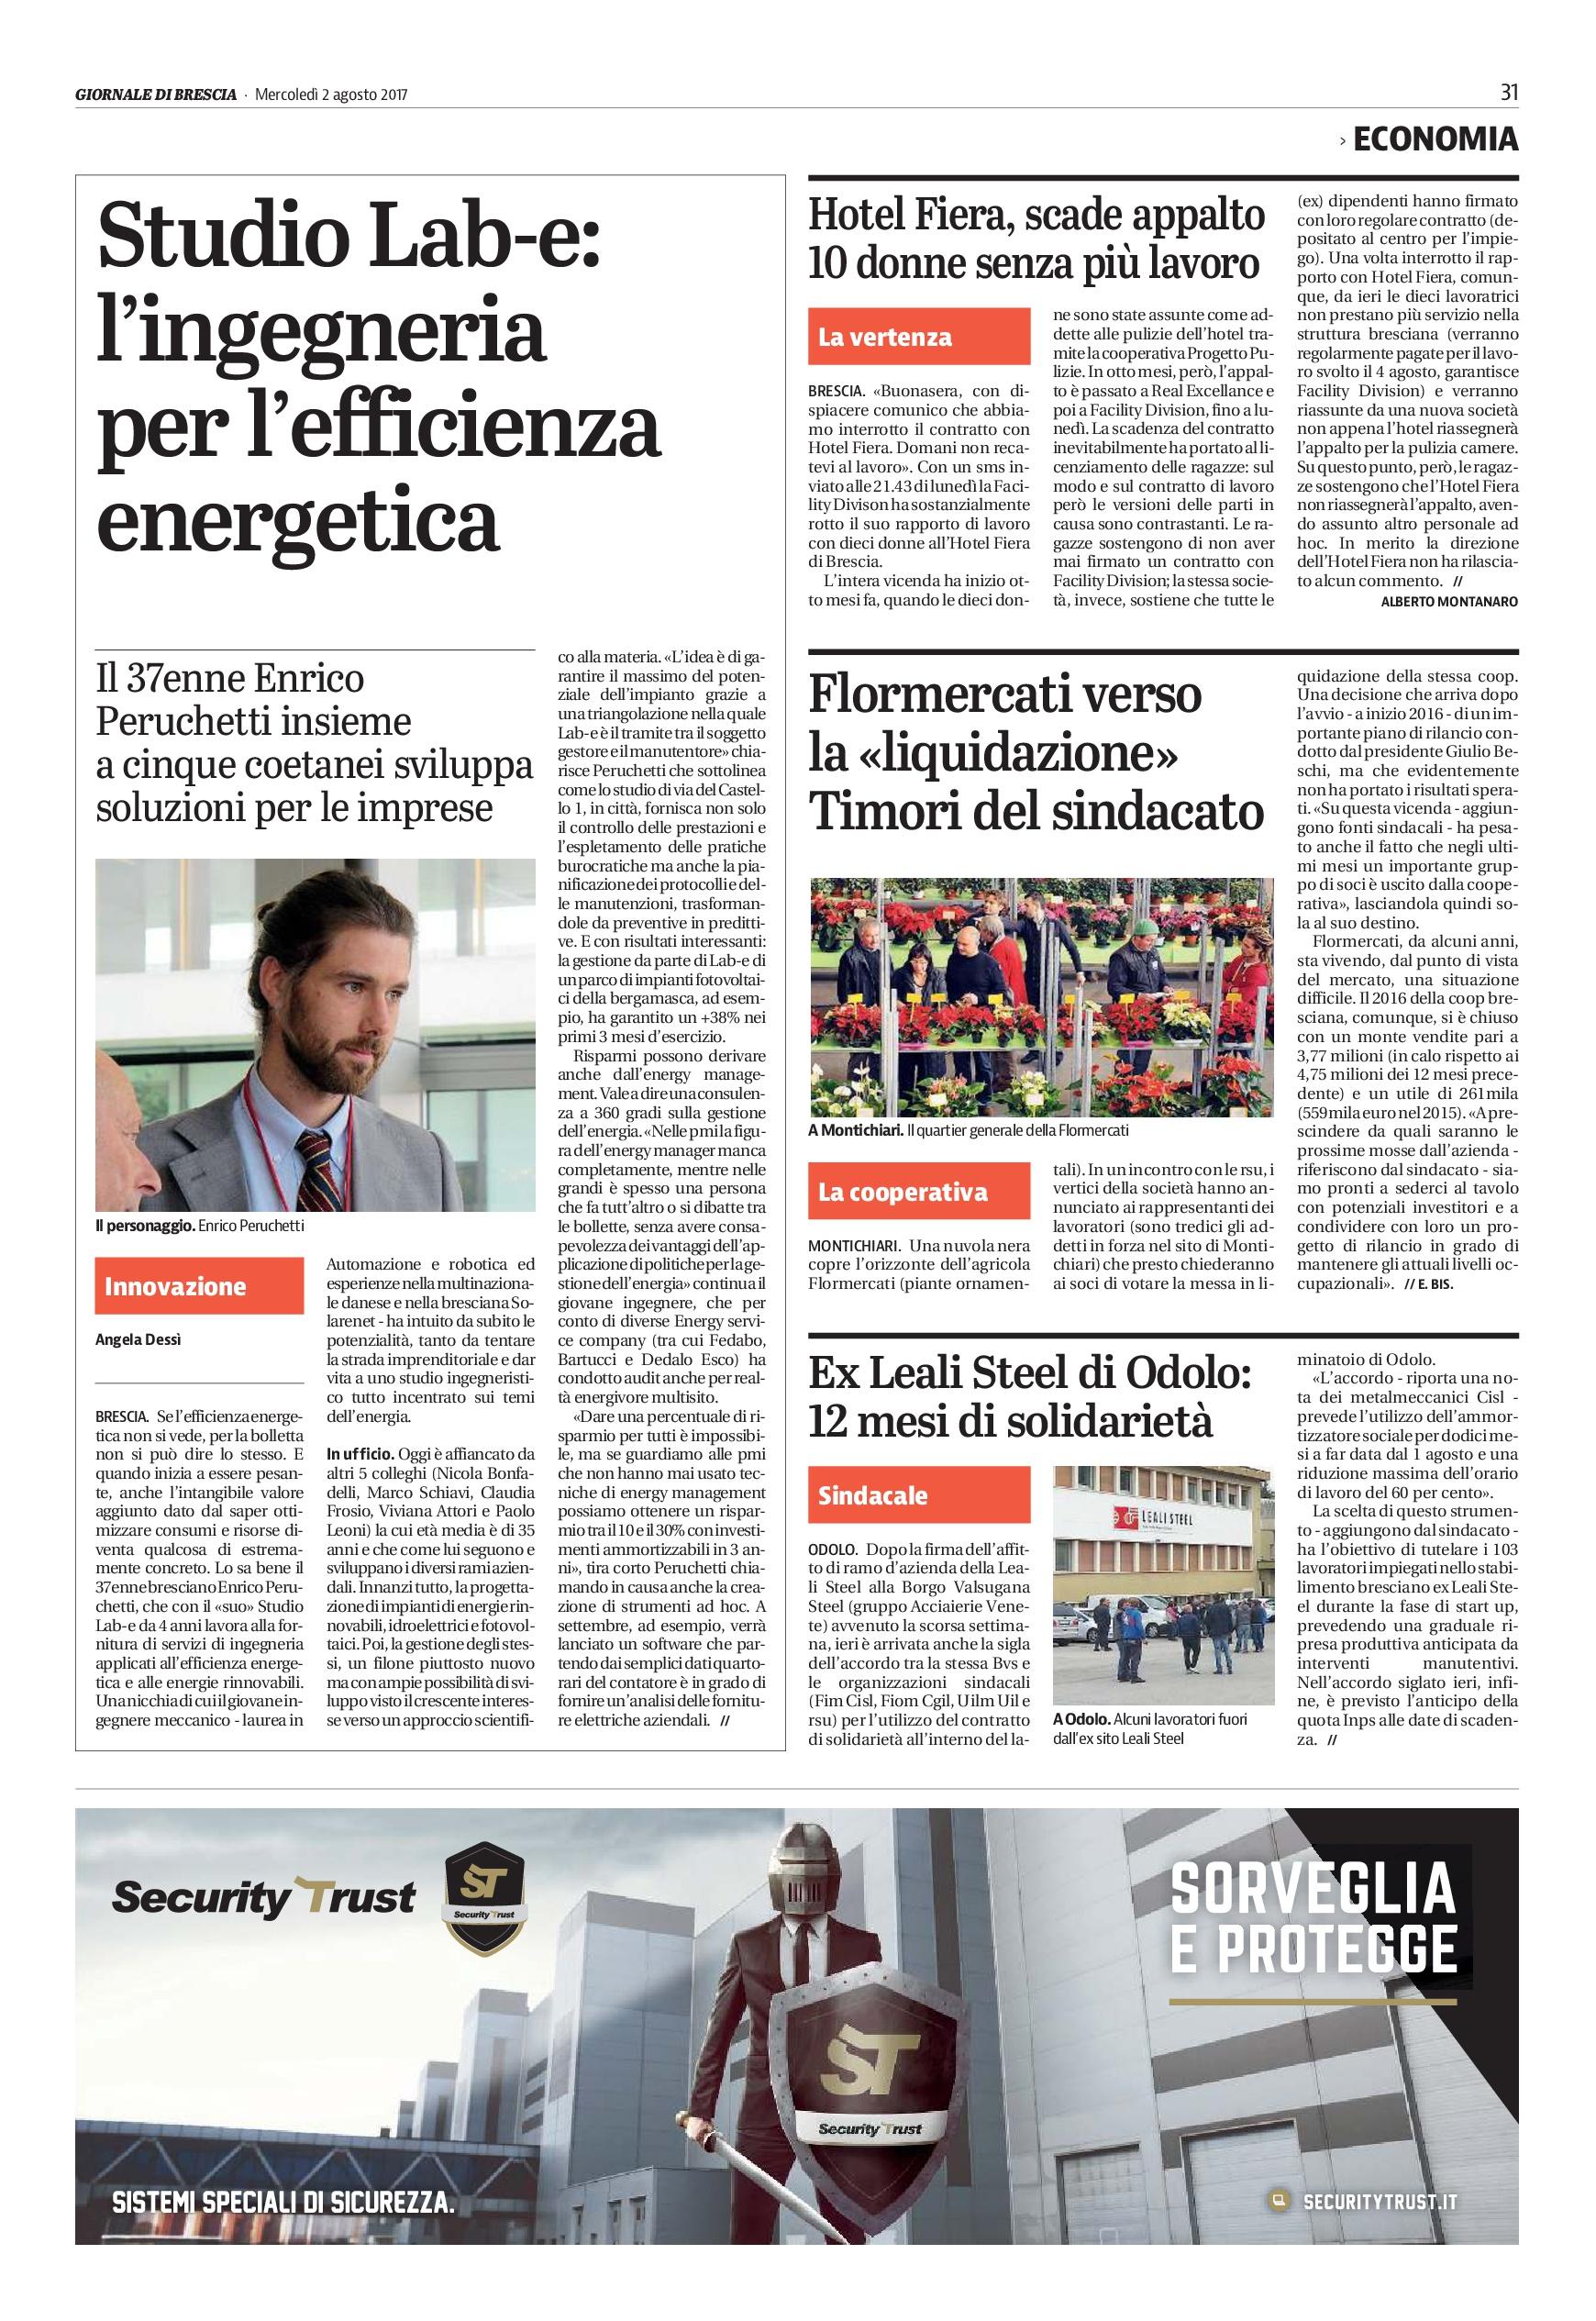 Il nostro Studio Lab-e sul Giornale di Brescia